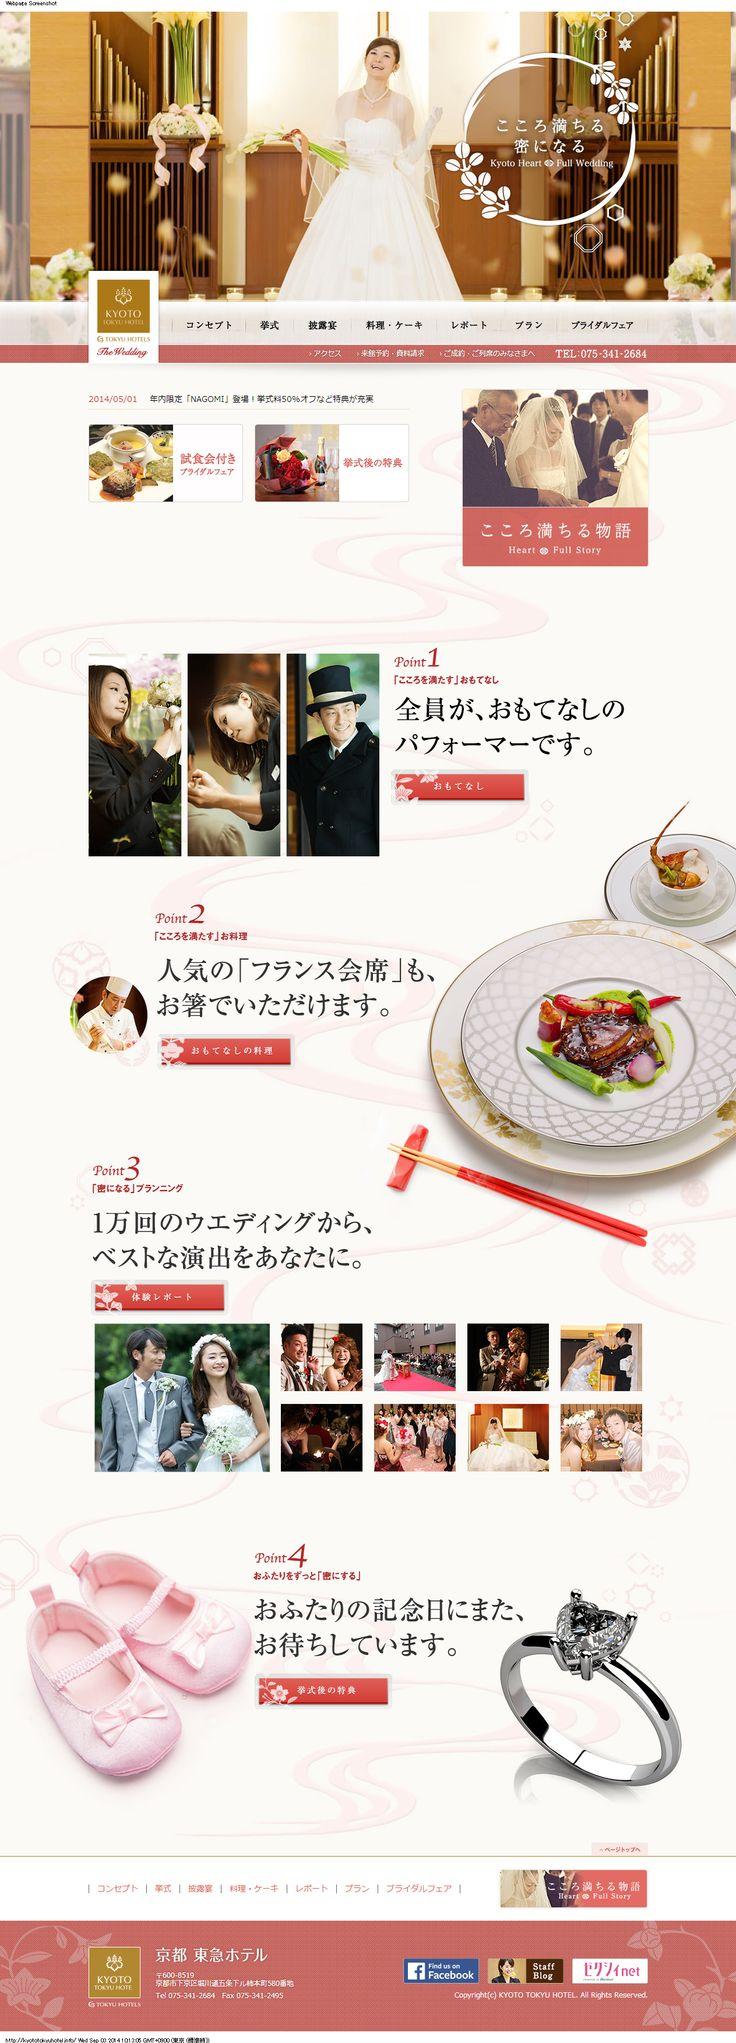 http://kyototokyuhotel.info/